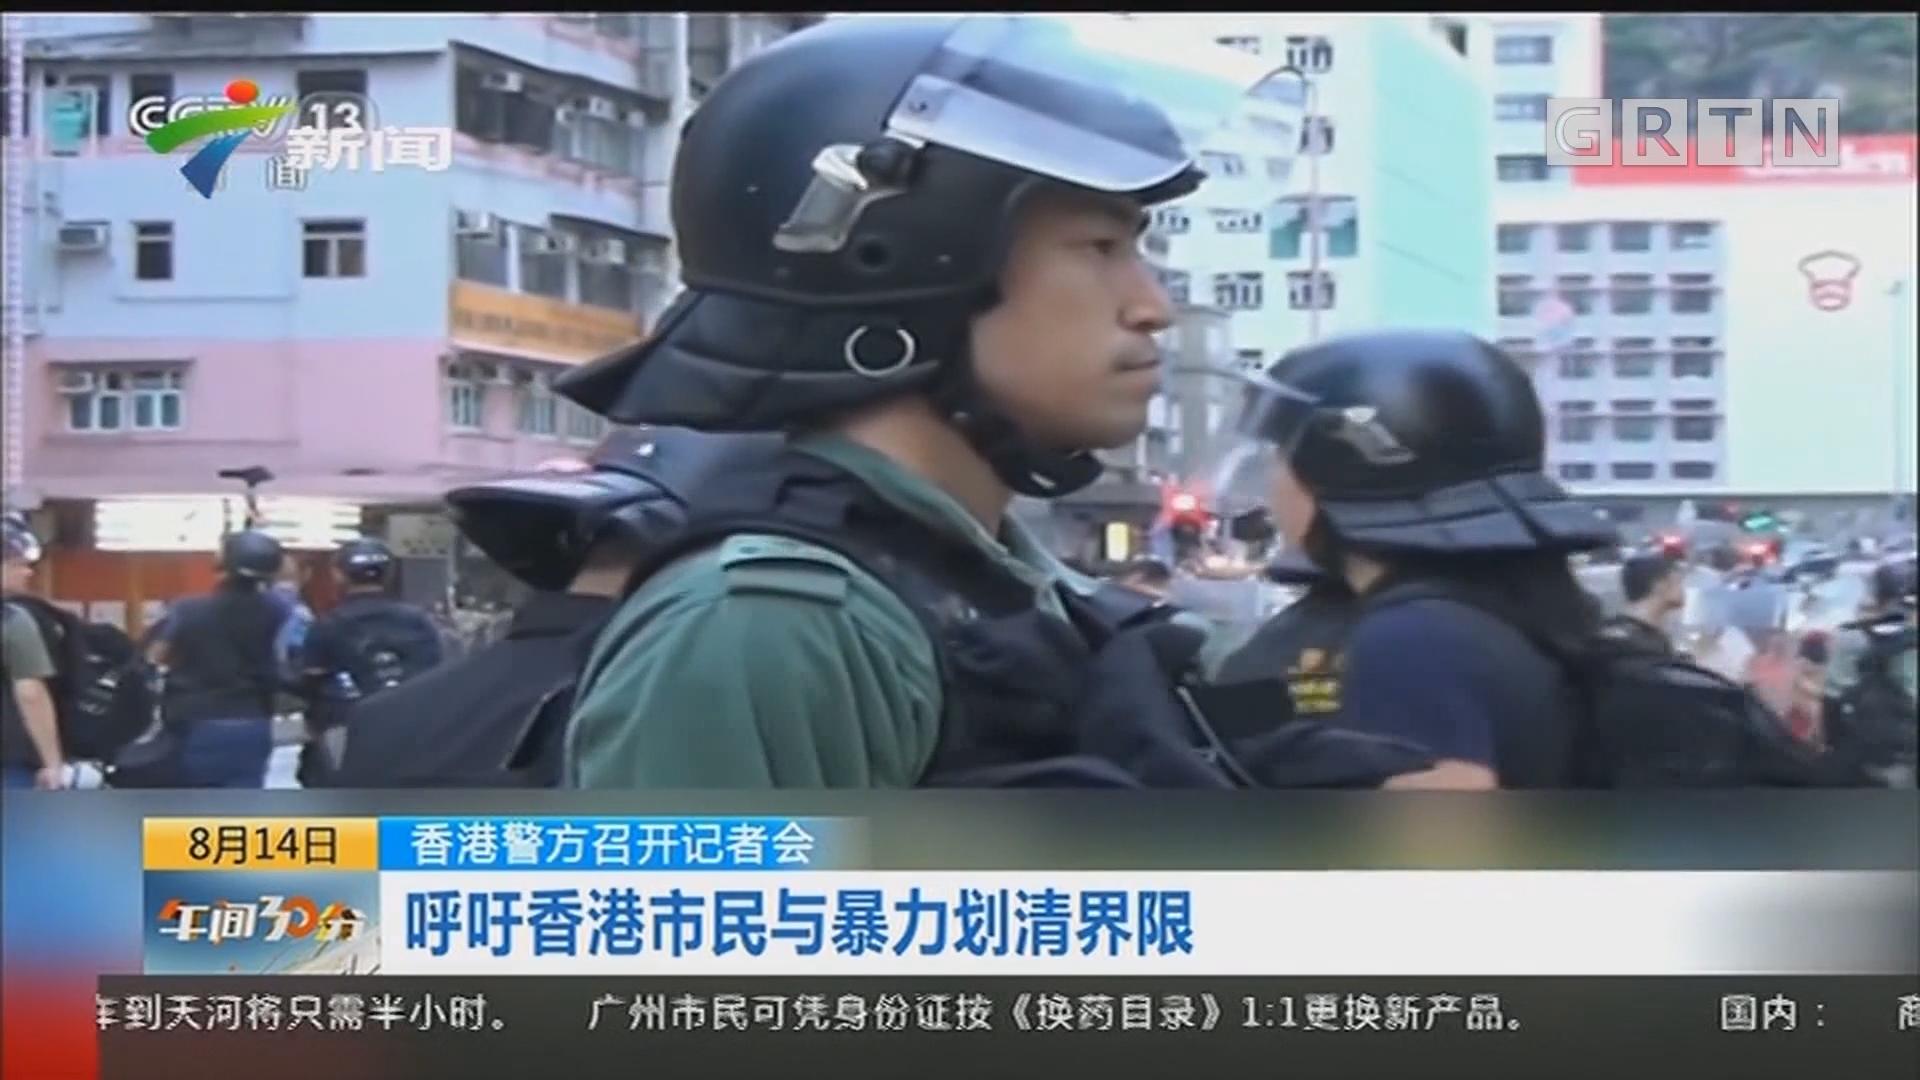 香港警方召开记者会:呼吁香港市民与暴力划清界限